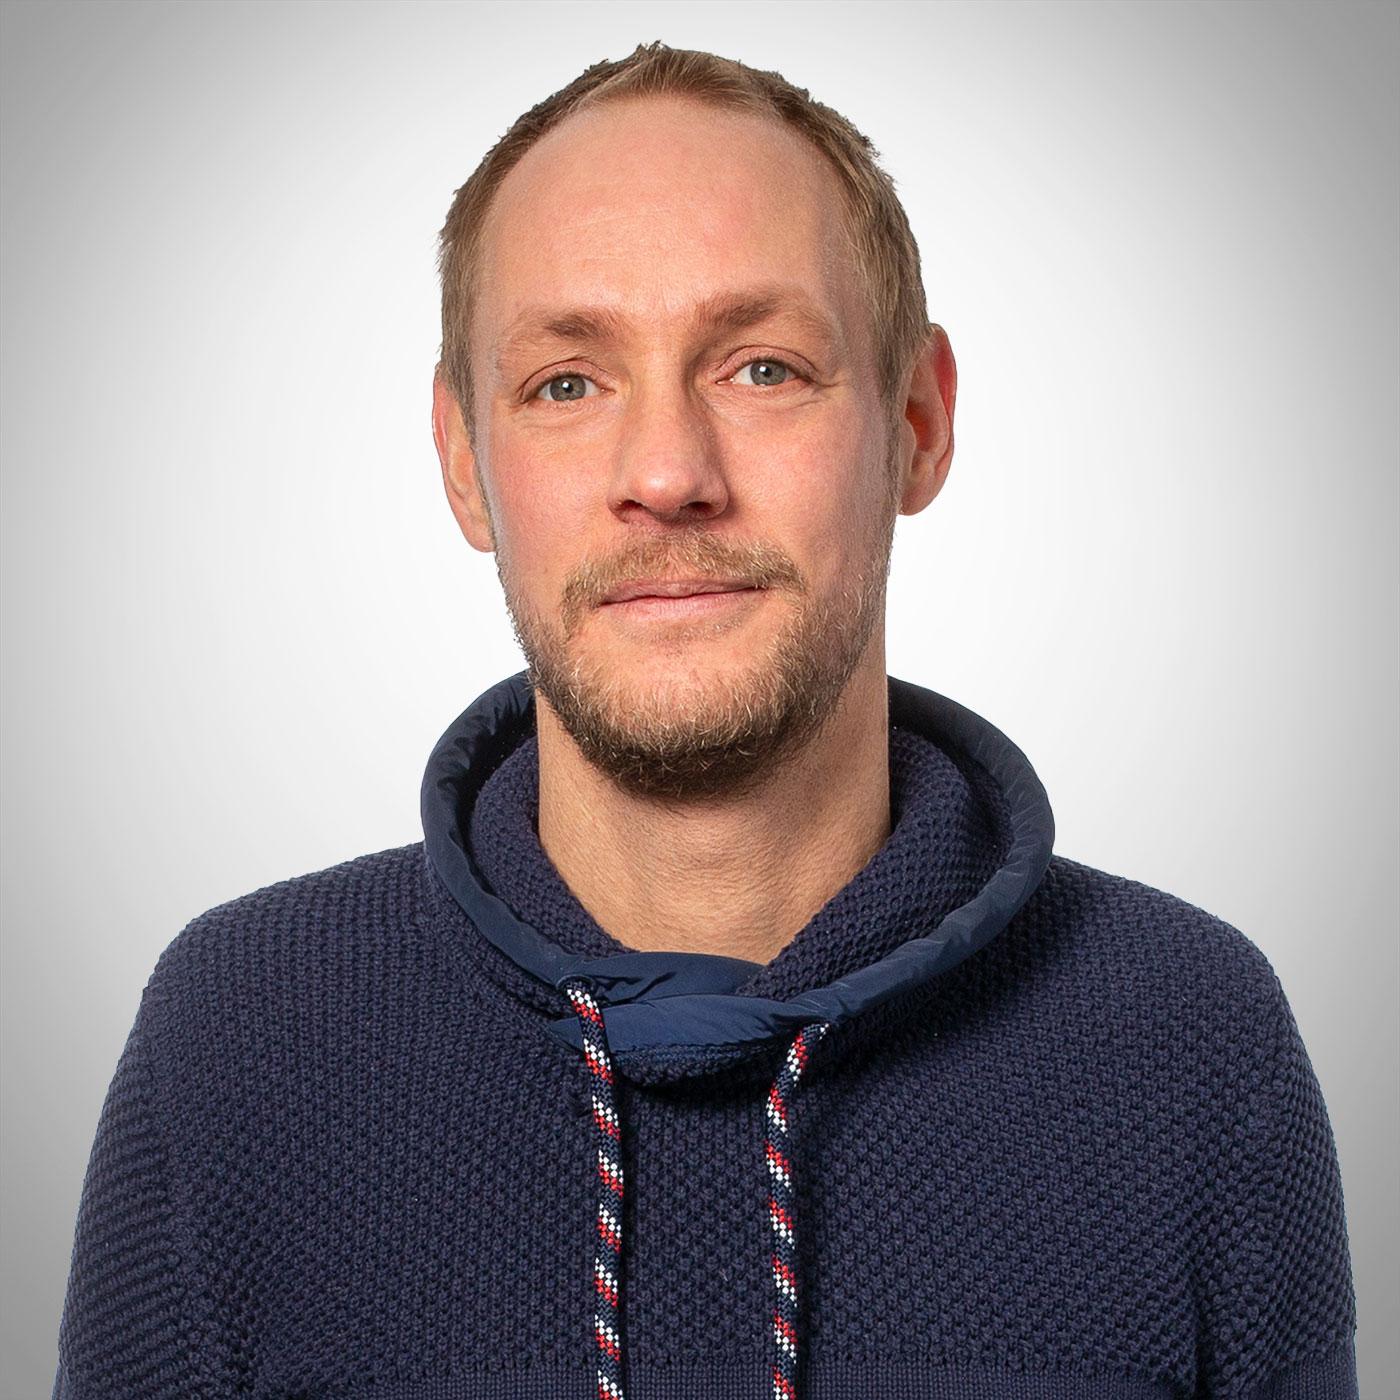 Hannes Scholtyschik